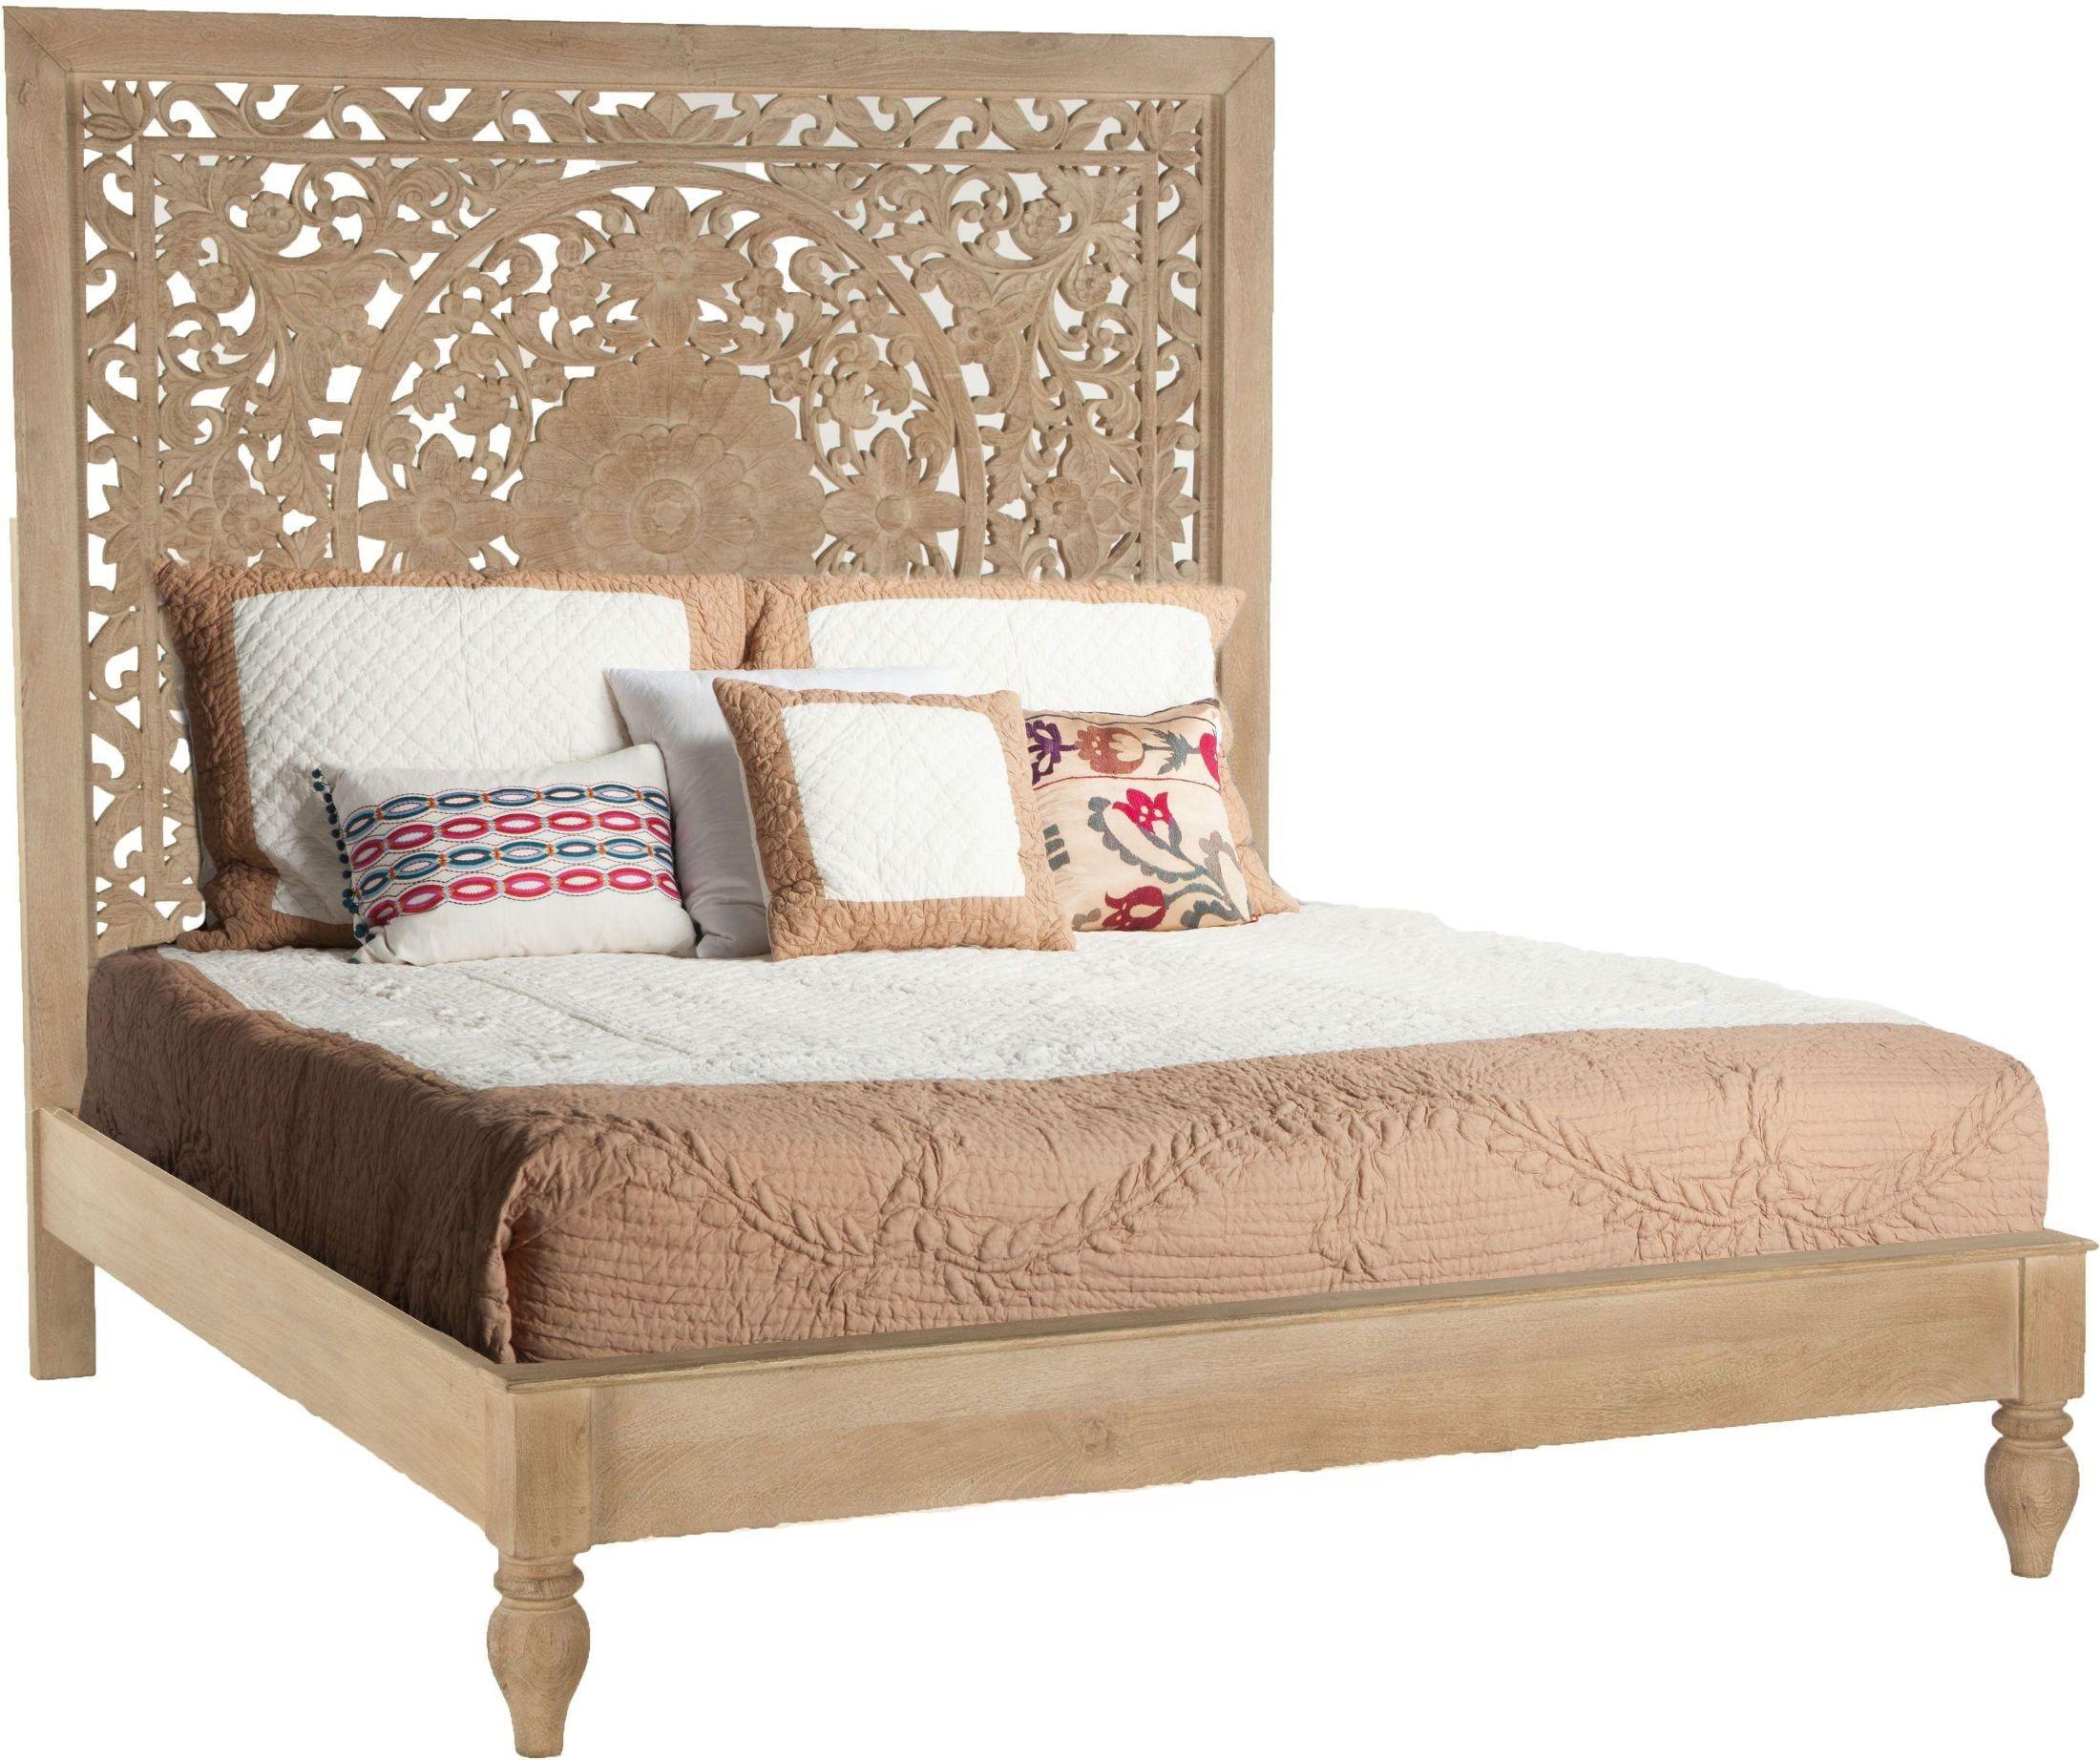 Haveli Whitewashed King Platform Bed King Platform Bed Furniture King Beds